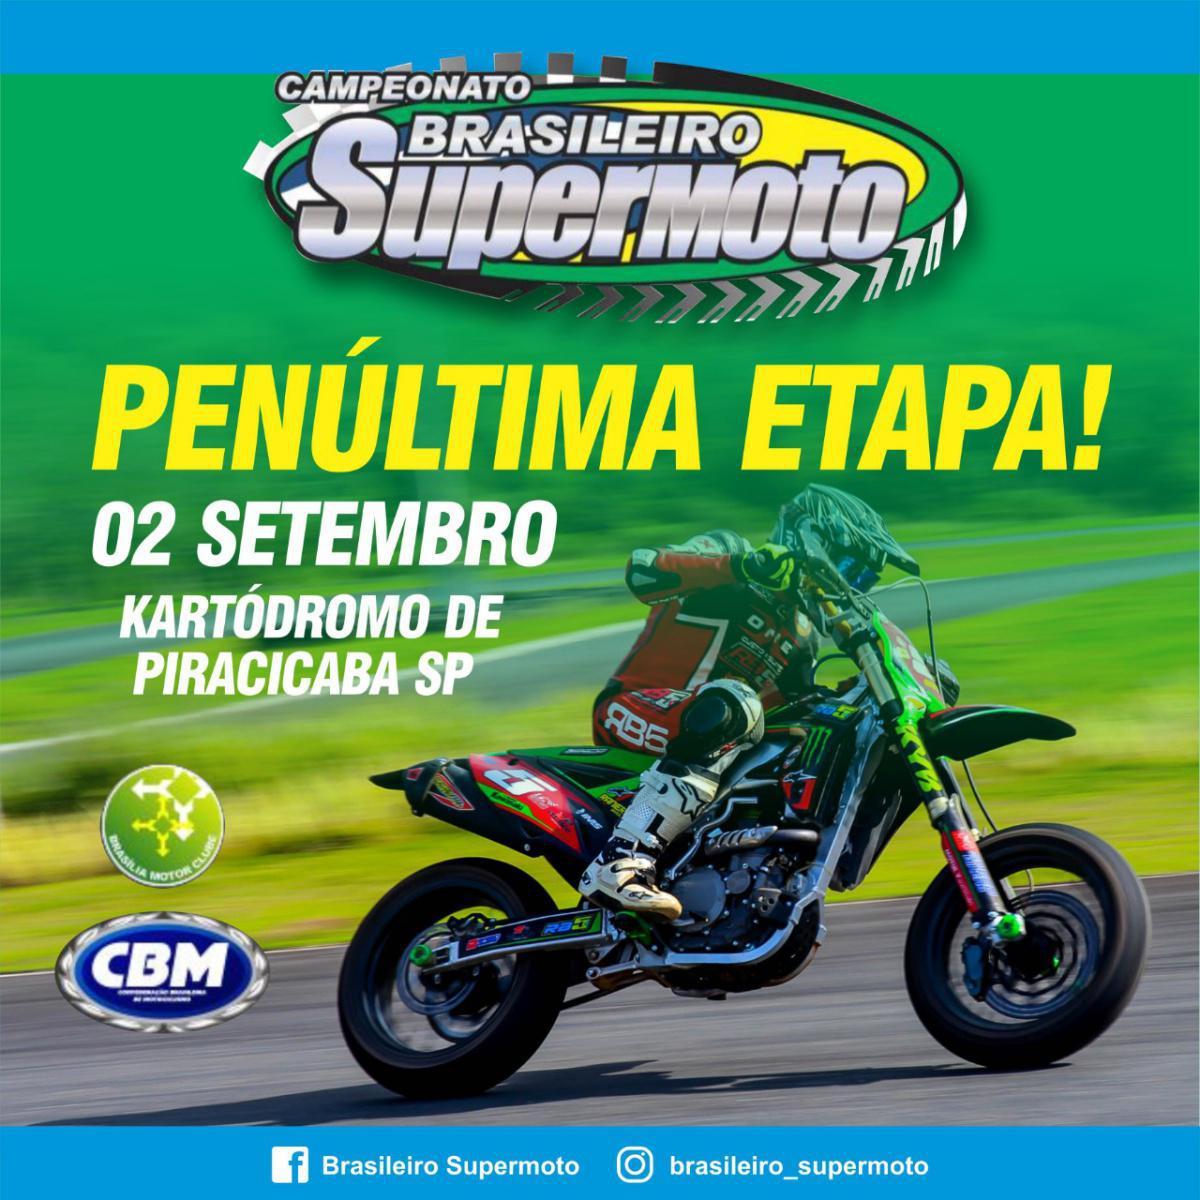 5ª etapa do Brasileiro de Supermoto foi transferida para Piracicaba/SP